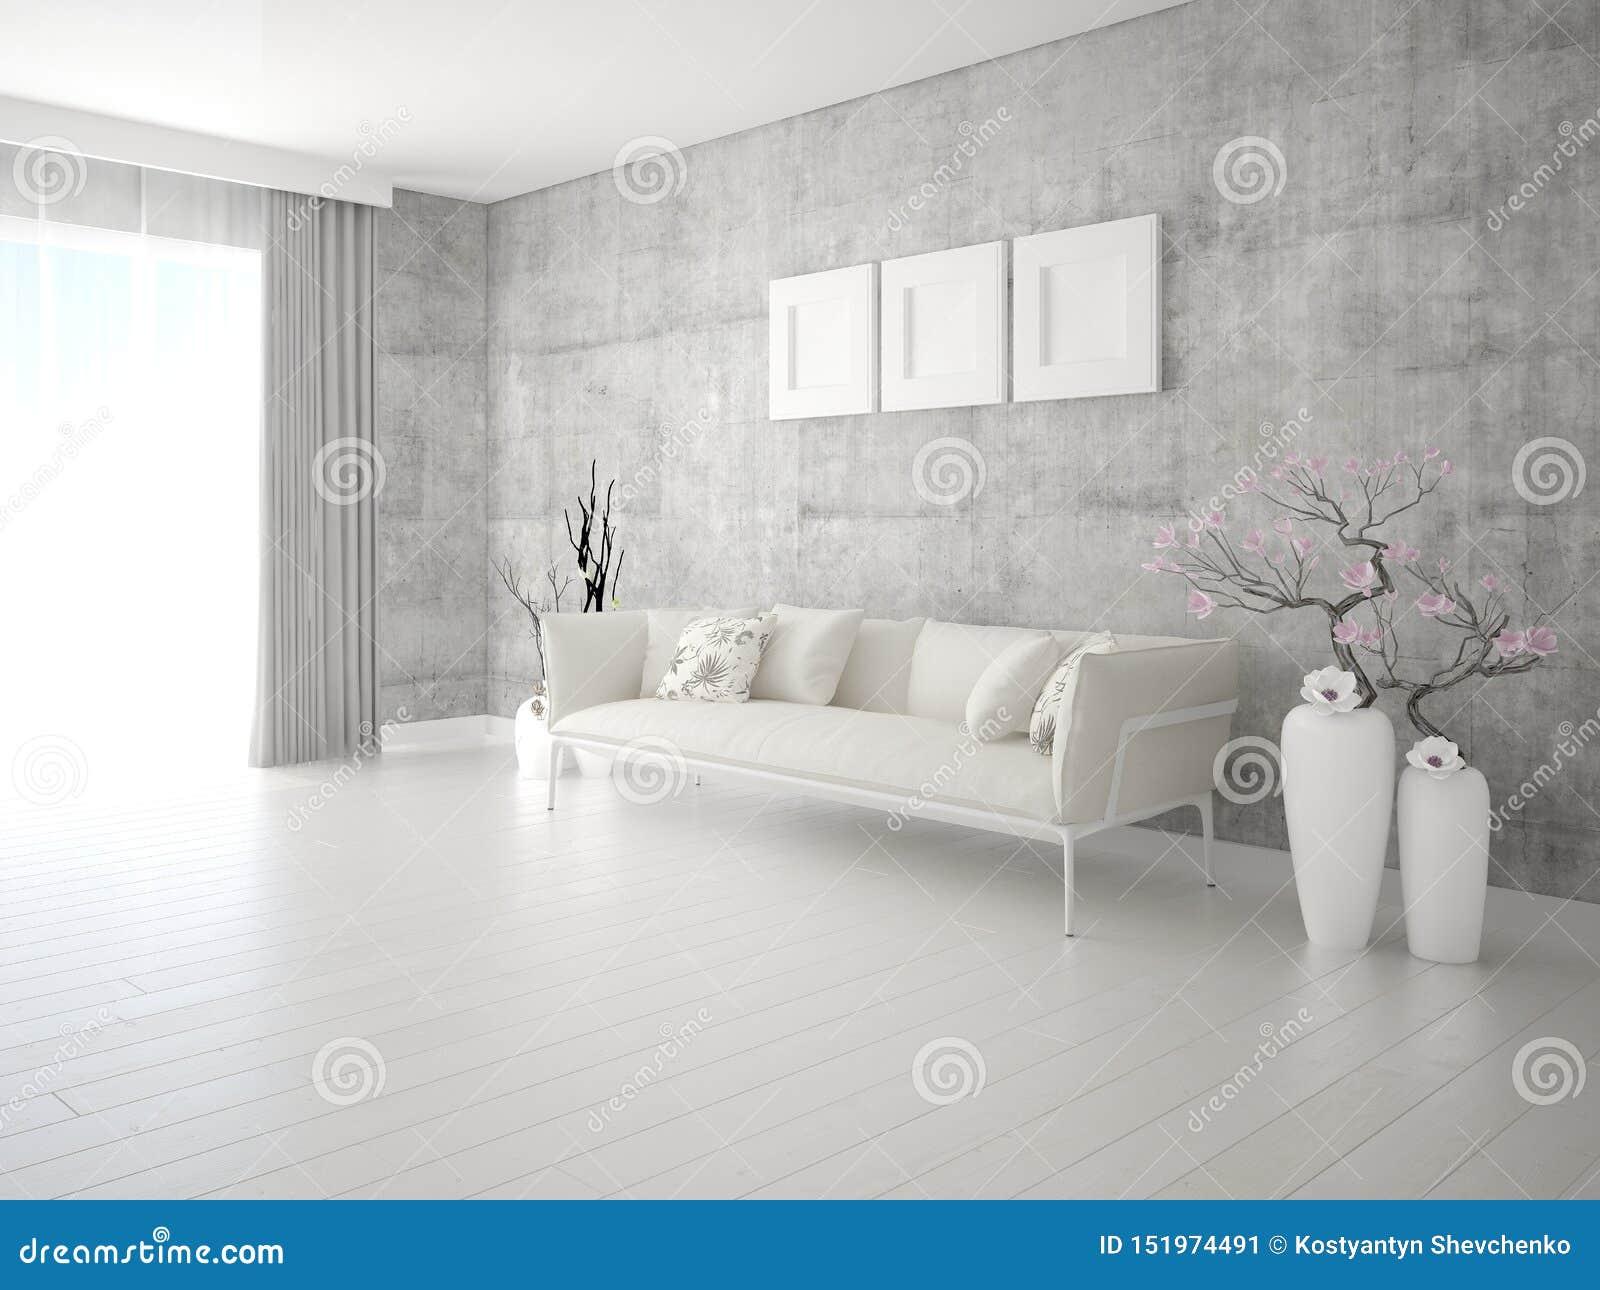 Imite encima de sala de estar de moda con un sofá ligero elegante